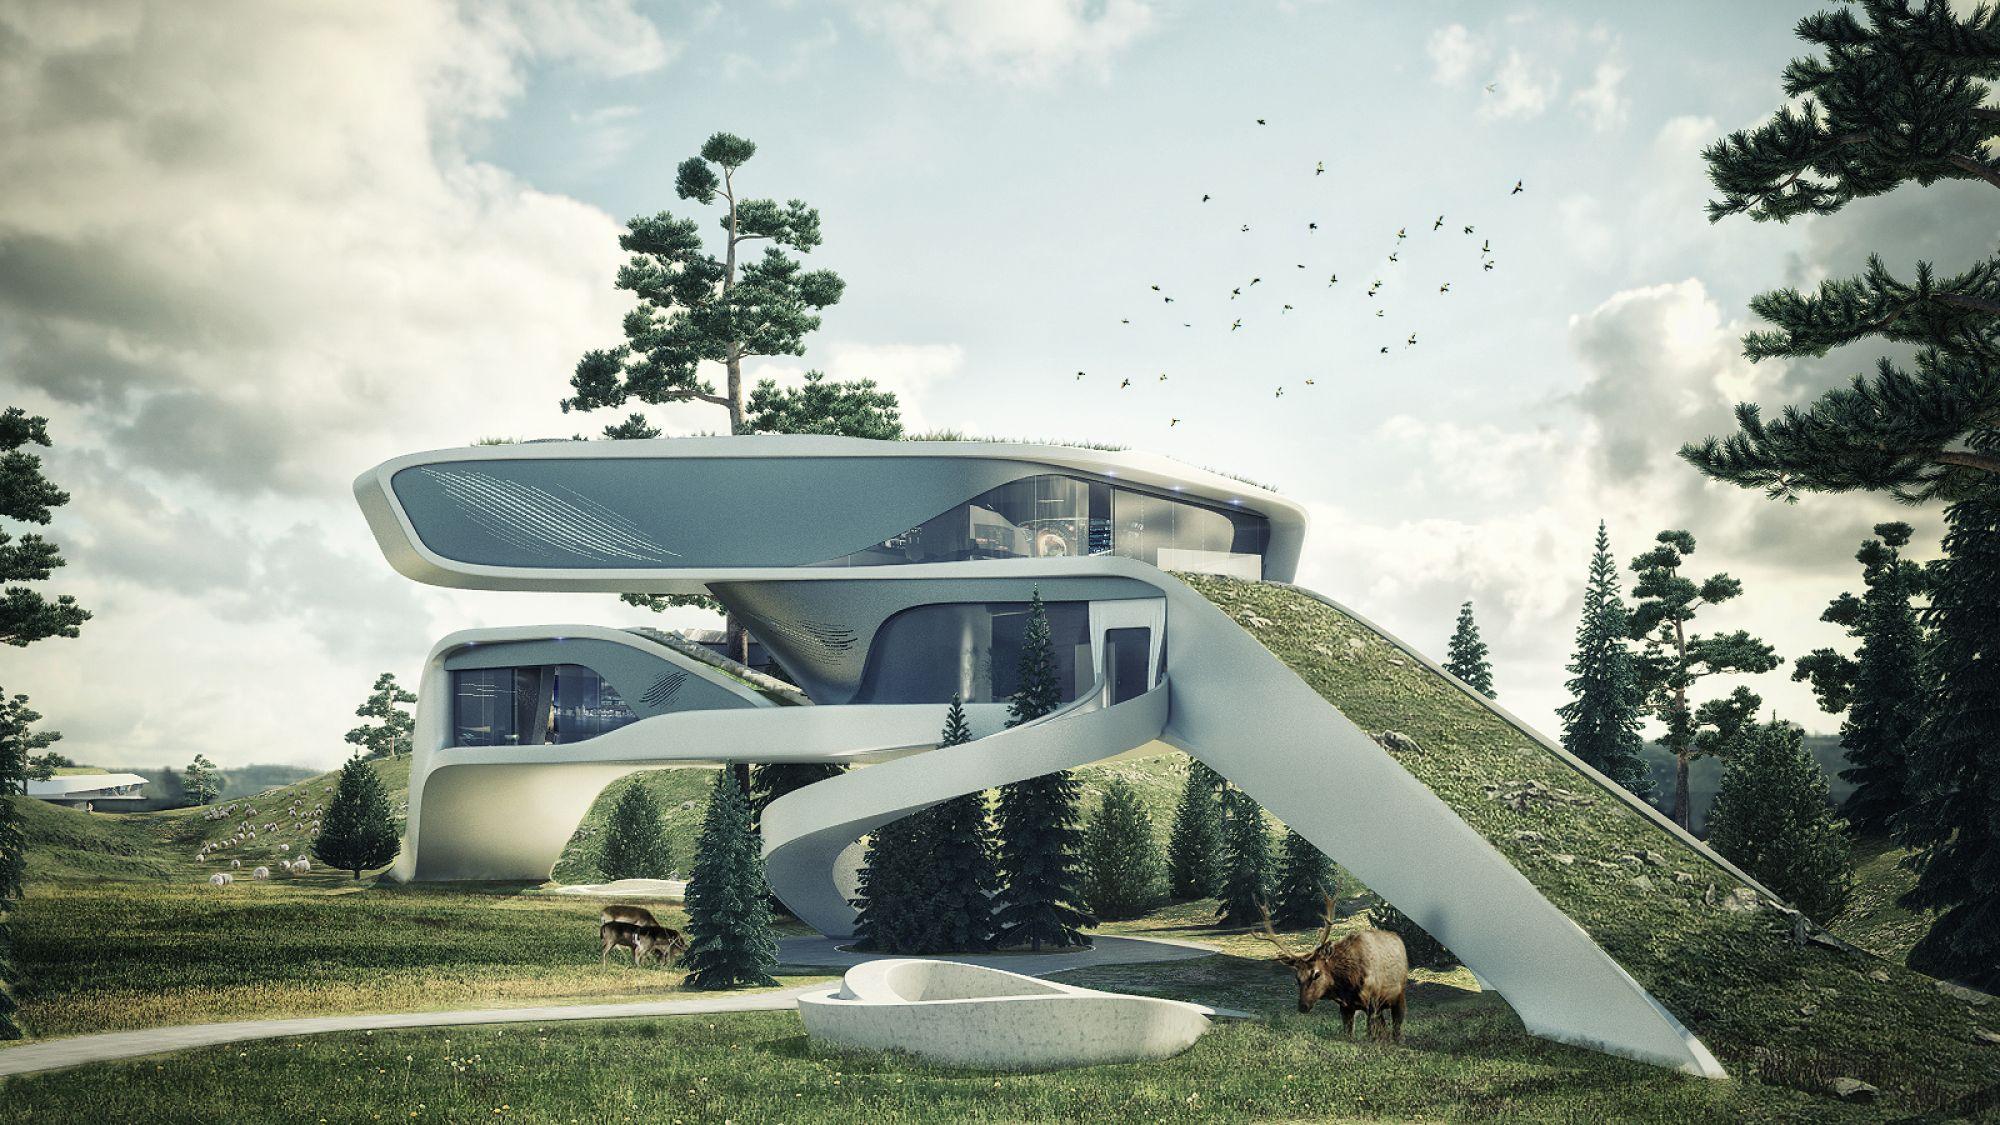 Рынок недвижимости Великобритании продал настоящее чудо - дом из будущего